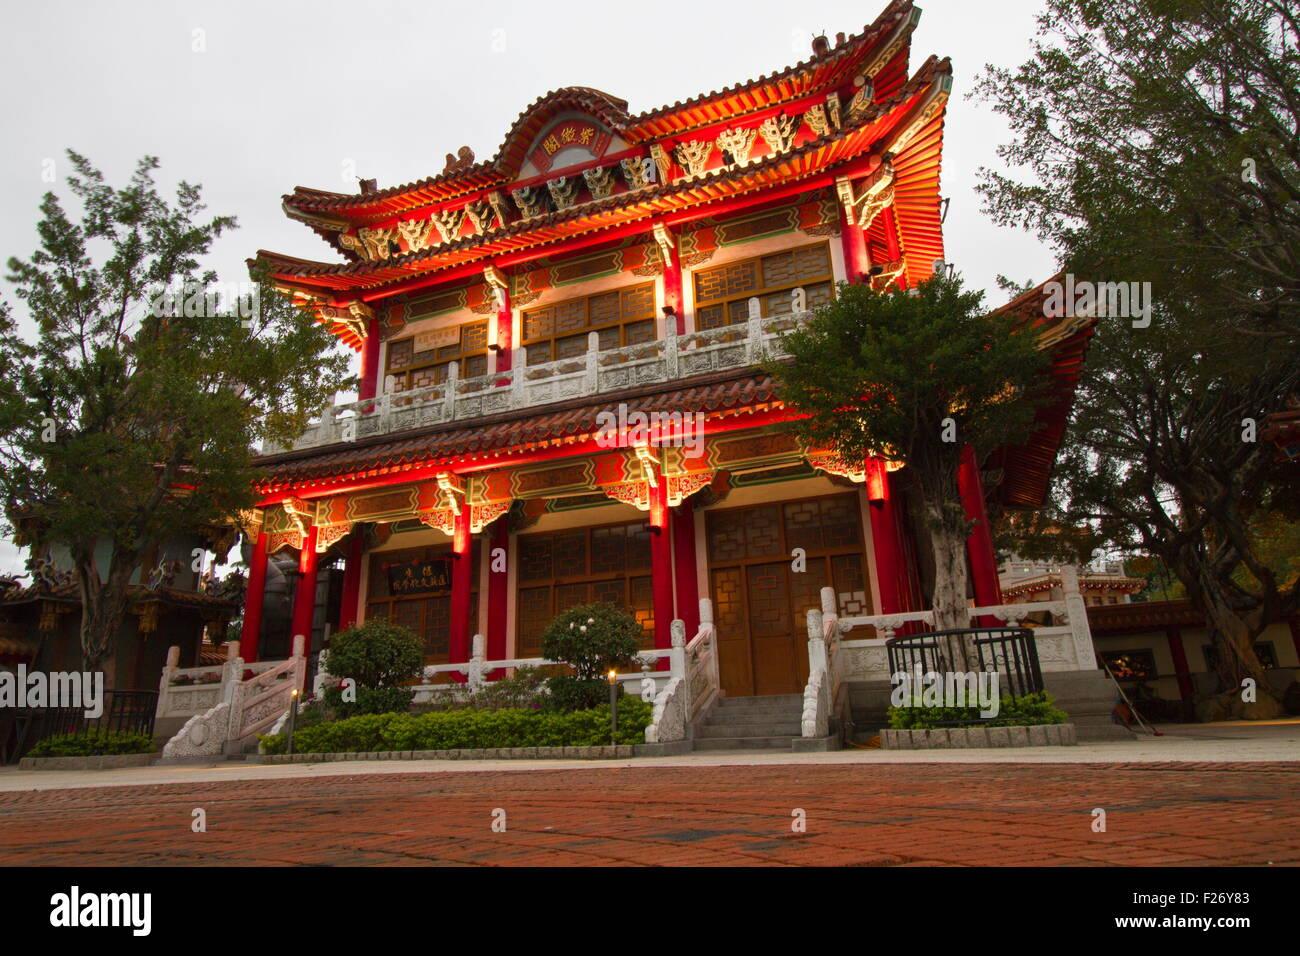 Garden Ornament Chinese Dragon Stock Photos & Garden Ornament ...